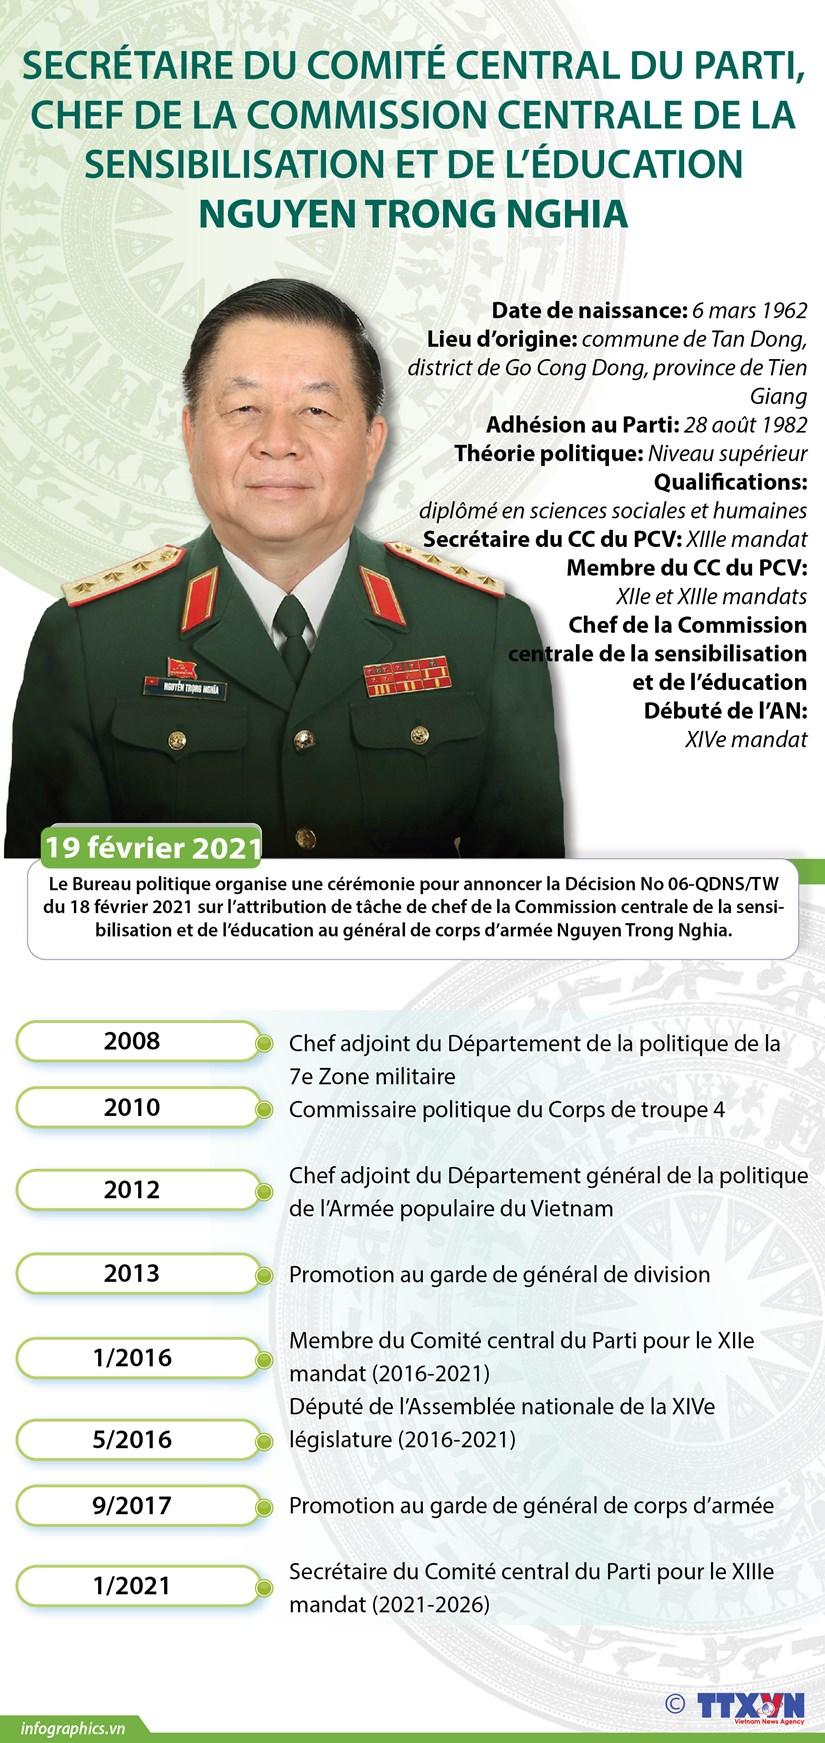 Nguyen Trong Nghia: chef de la Commission de la sensibilisation et de l'education du CC du PCV hinh anh 1